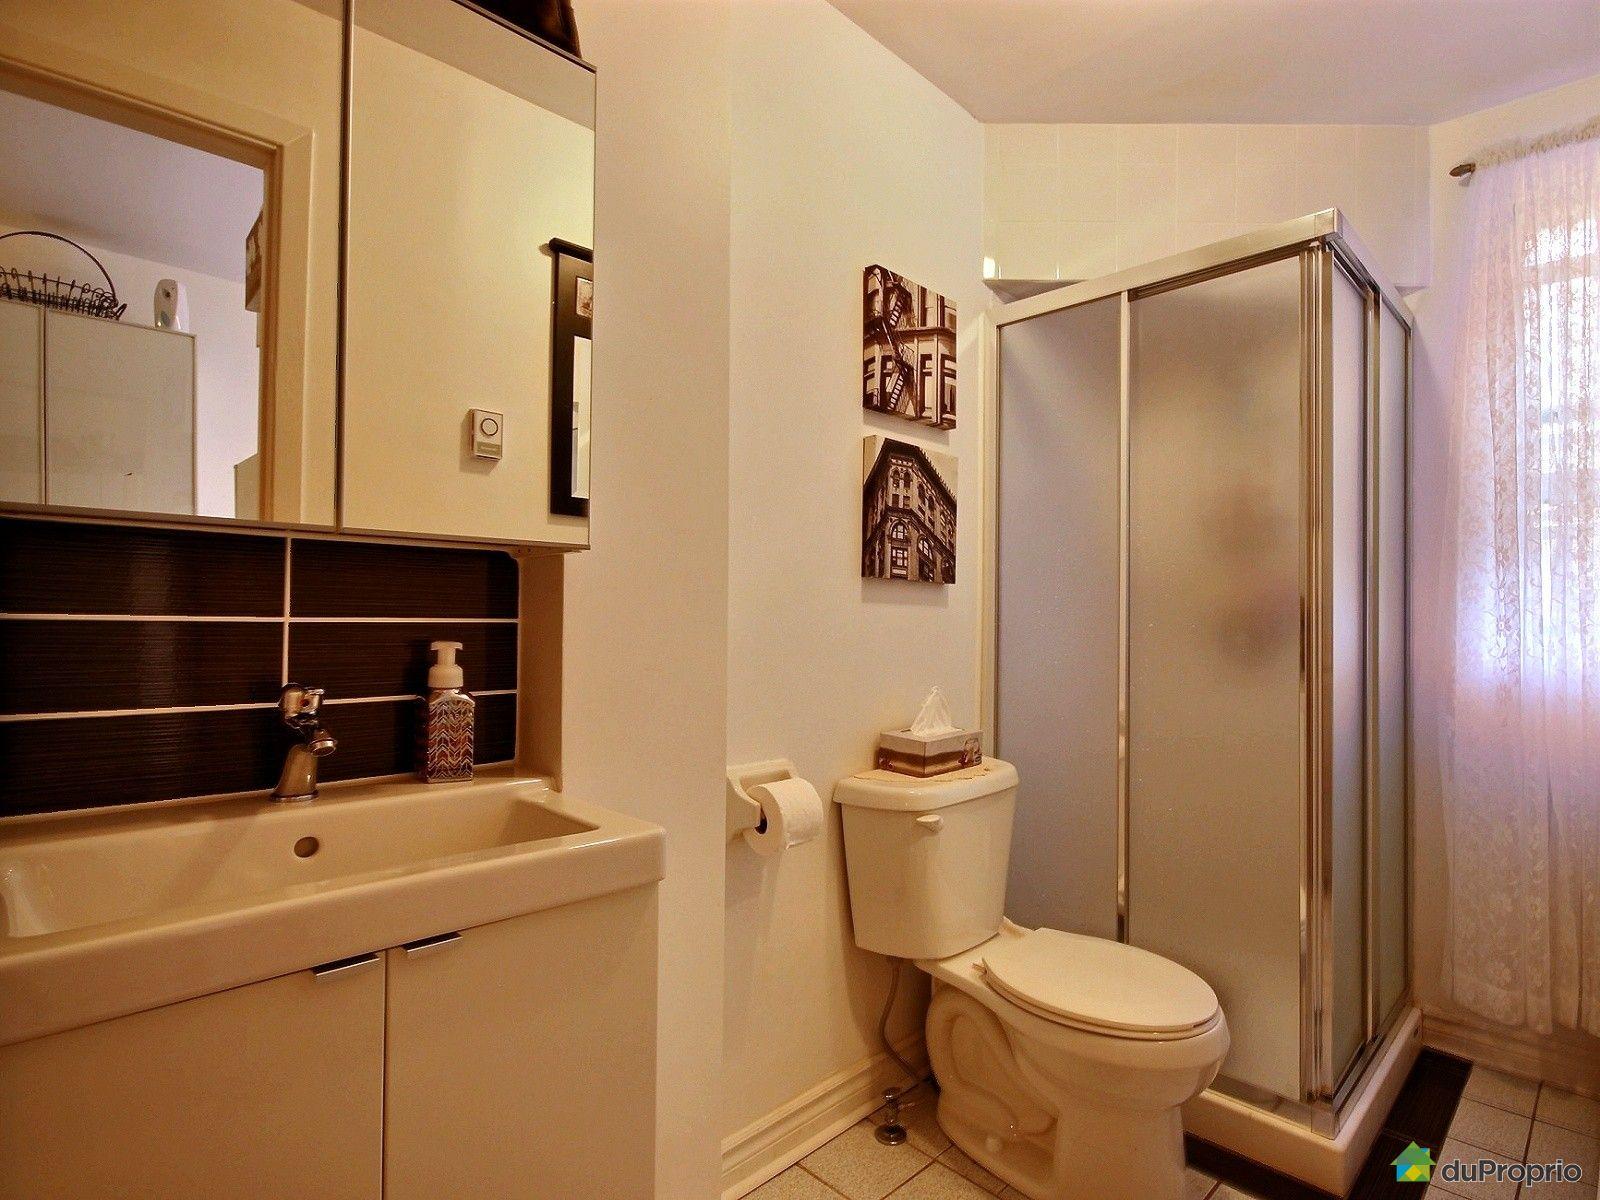 6 unit s ou plus vendre montr al 3390 rue sherbrooke est immobilier qu bec duproprio 639255. Black Bedroom Furniture Sets. Home Design Ideas